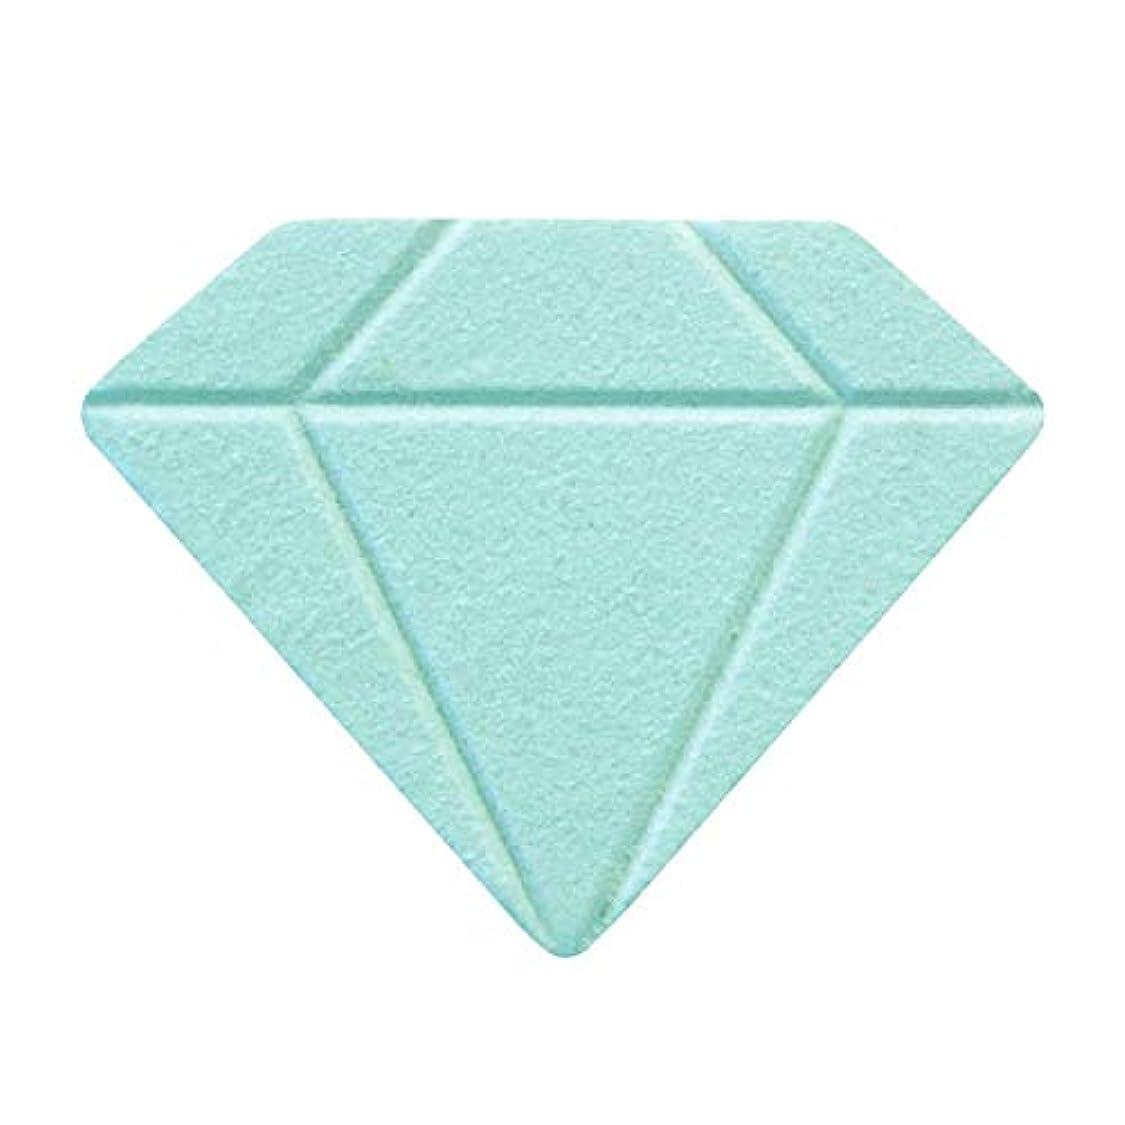 調整する盗賊スペイン語【ダイヤモンド】バスフィズ(ジャスミンハニー) 287964